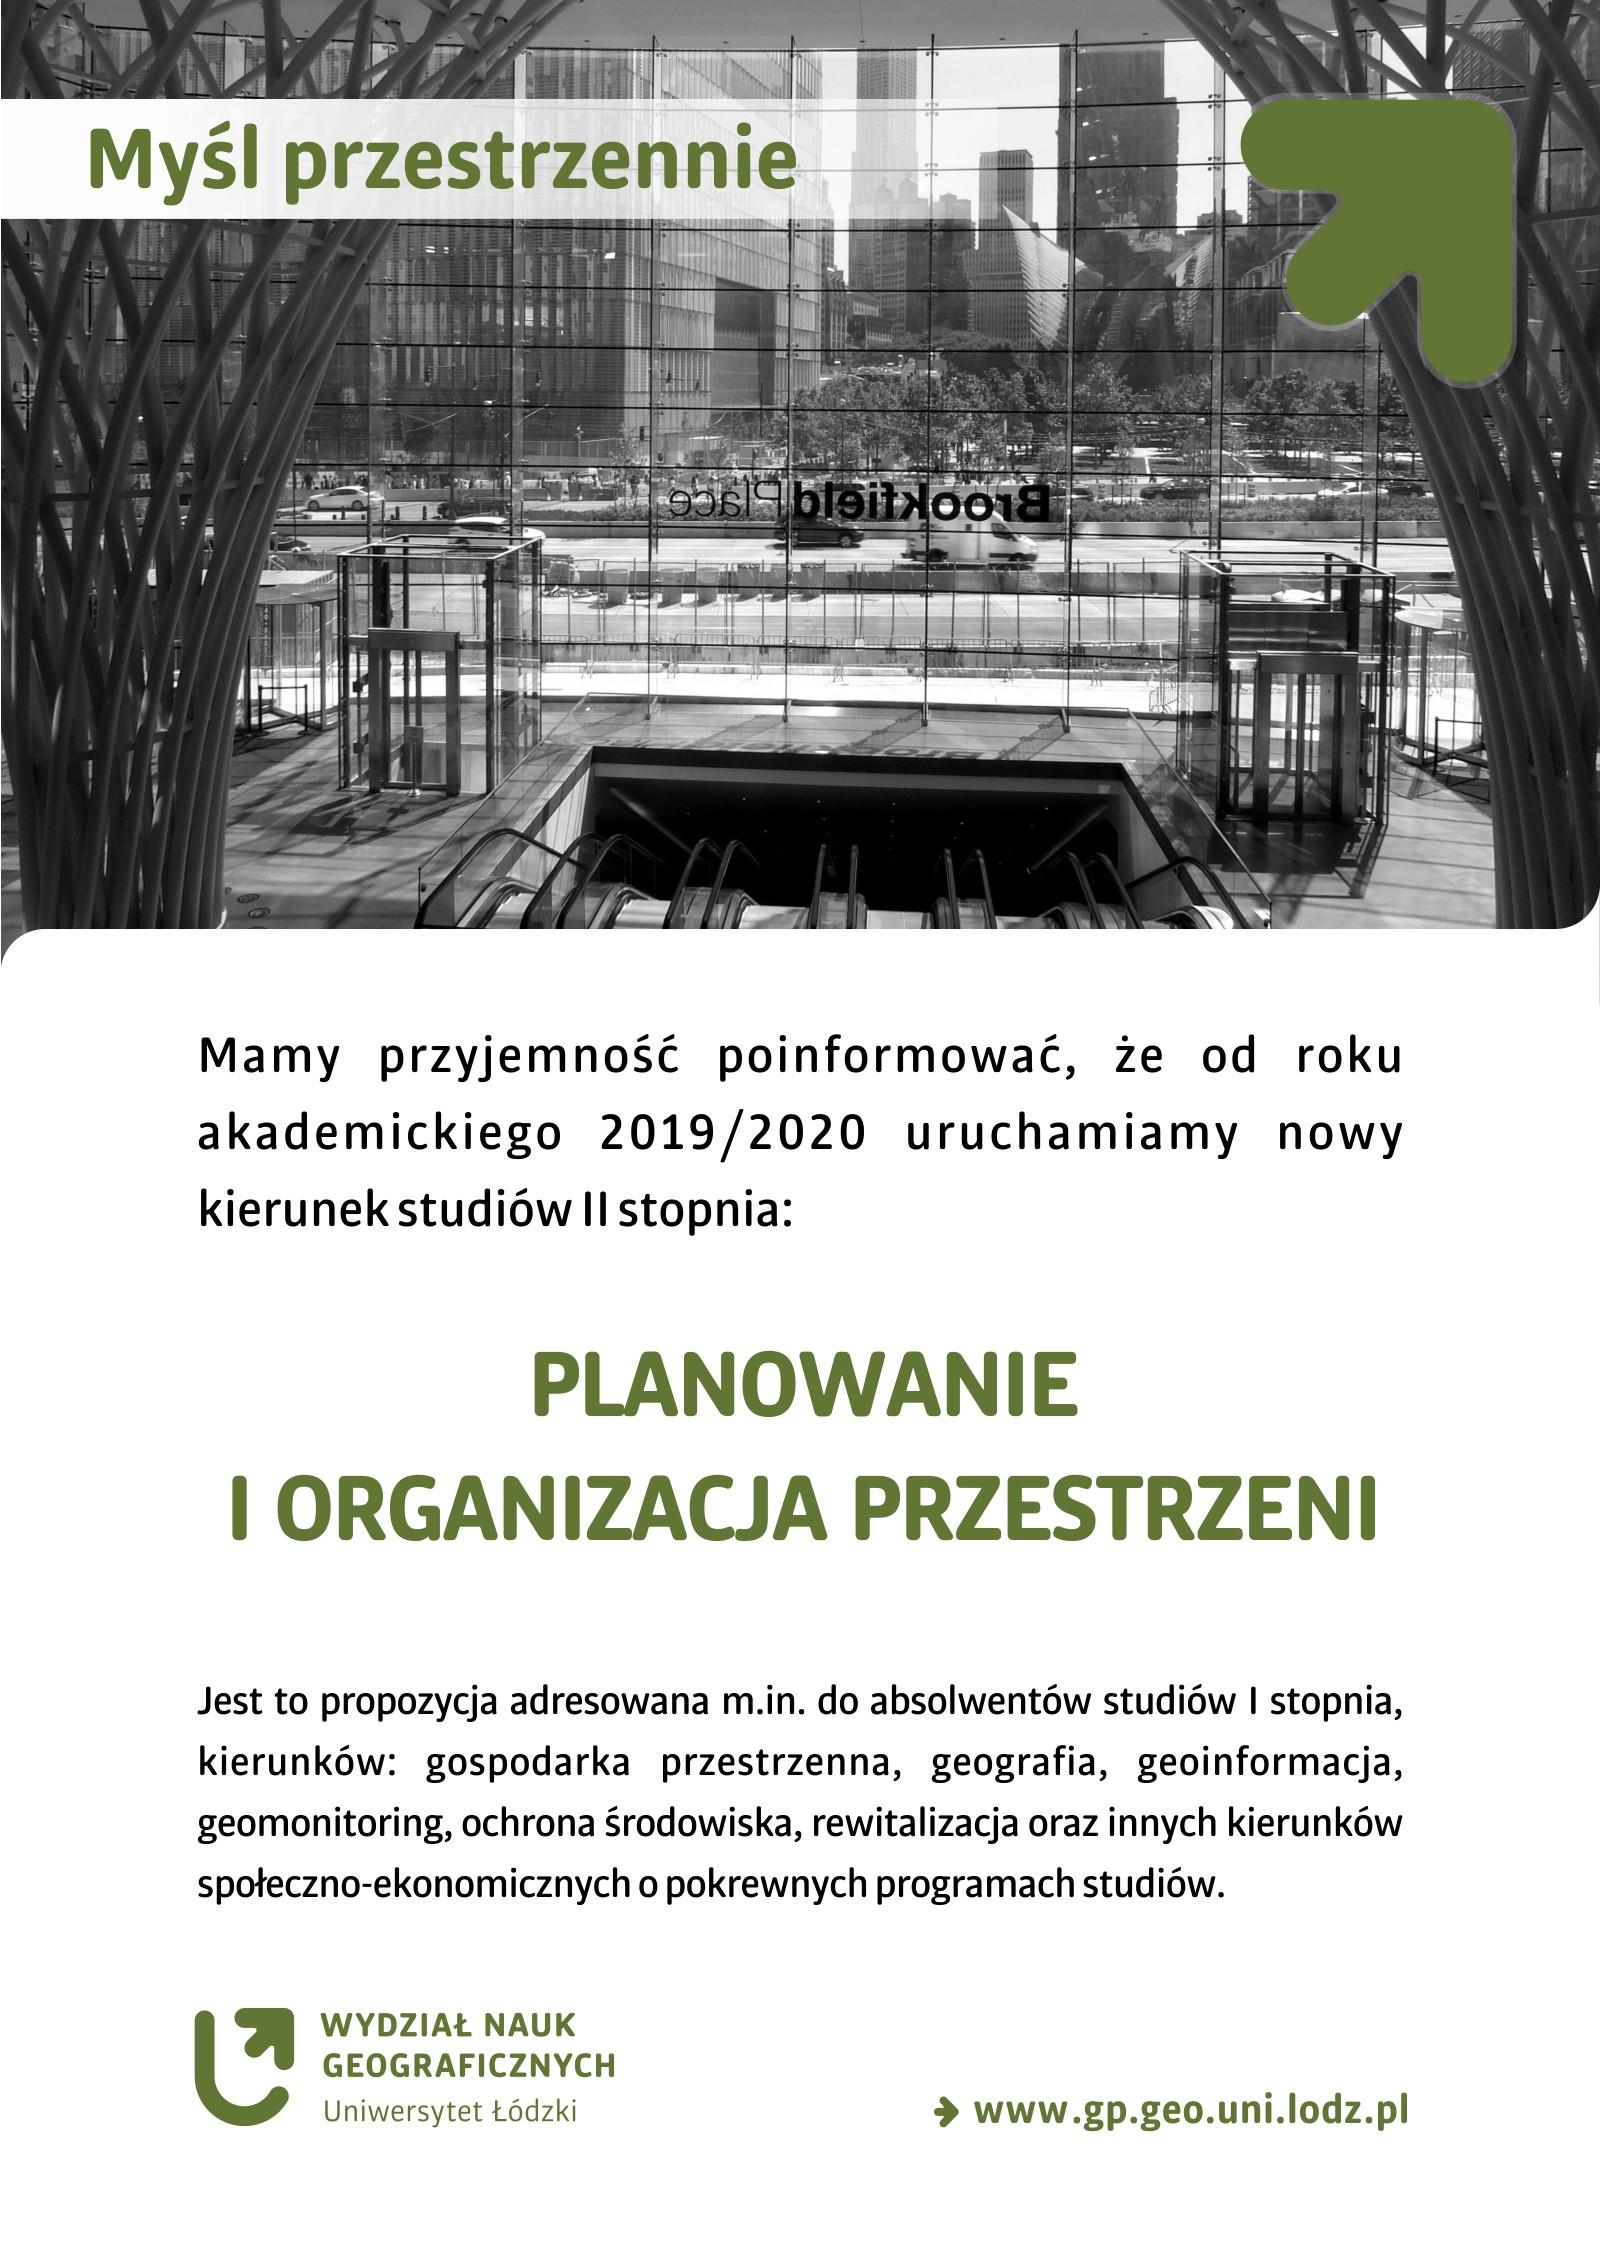 Uruchamiamy nowy kierunek studiów - Planowanie i organizacja przestrzeni